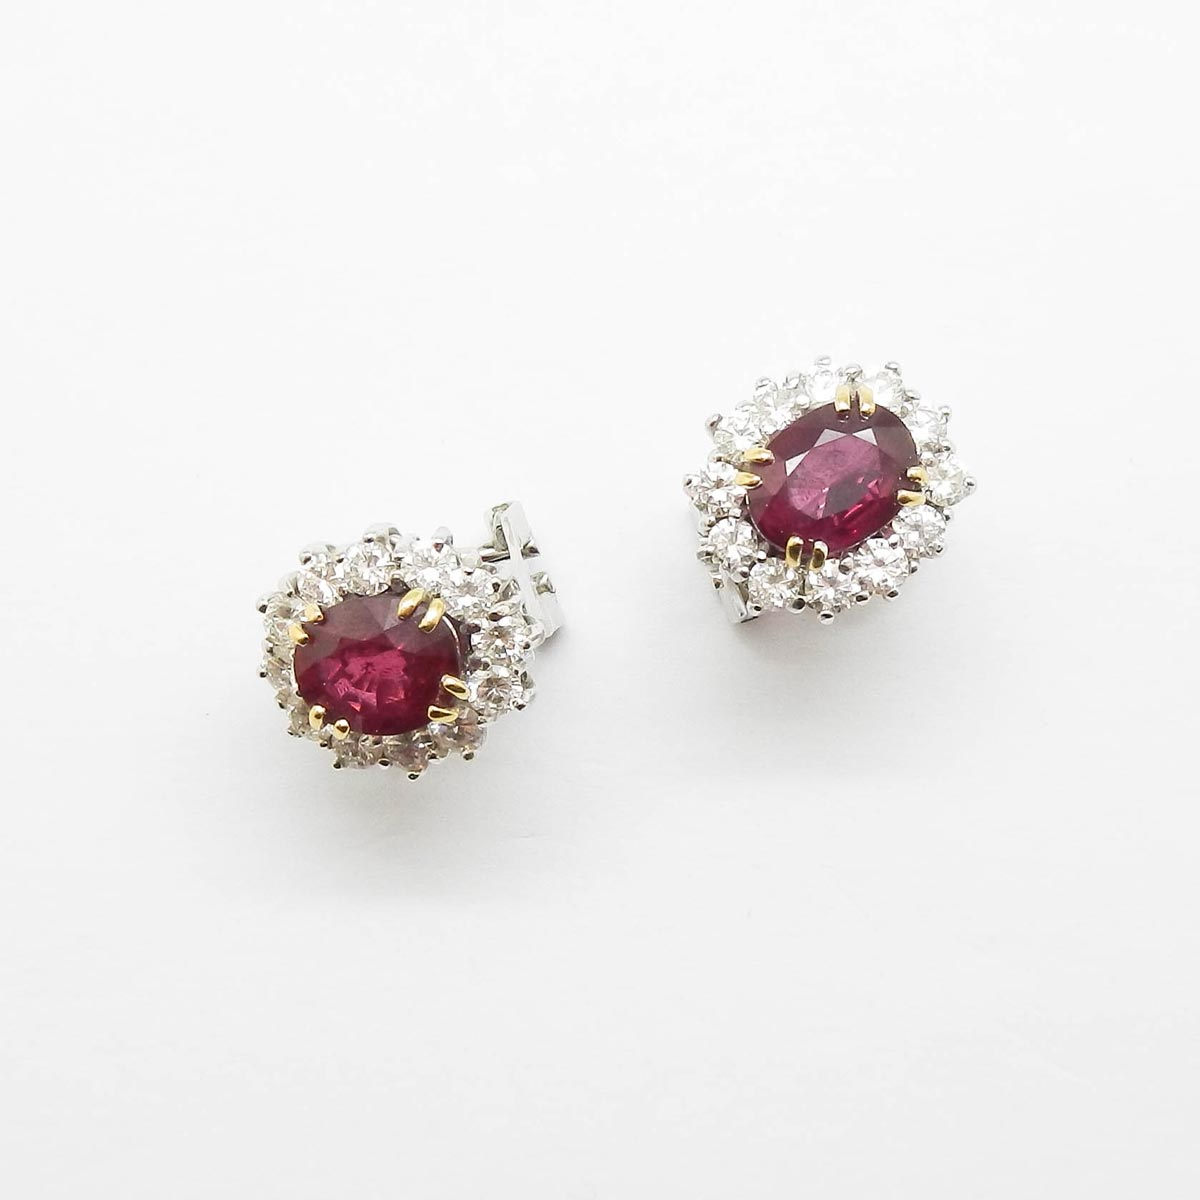 il-marchese-diamonds-diamanti-gioielli-artigianali-orecchini-rubino-oro-bianco-4